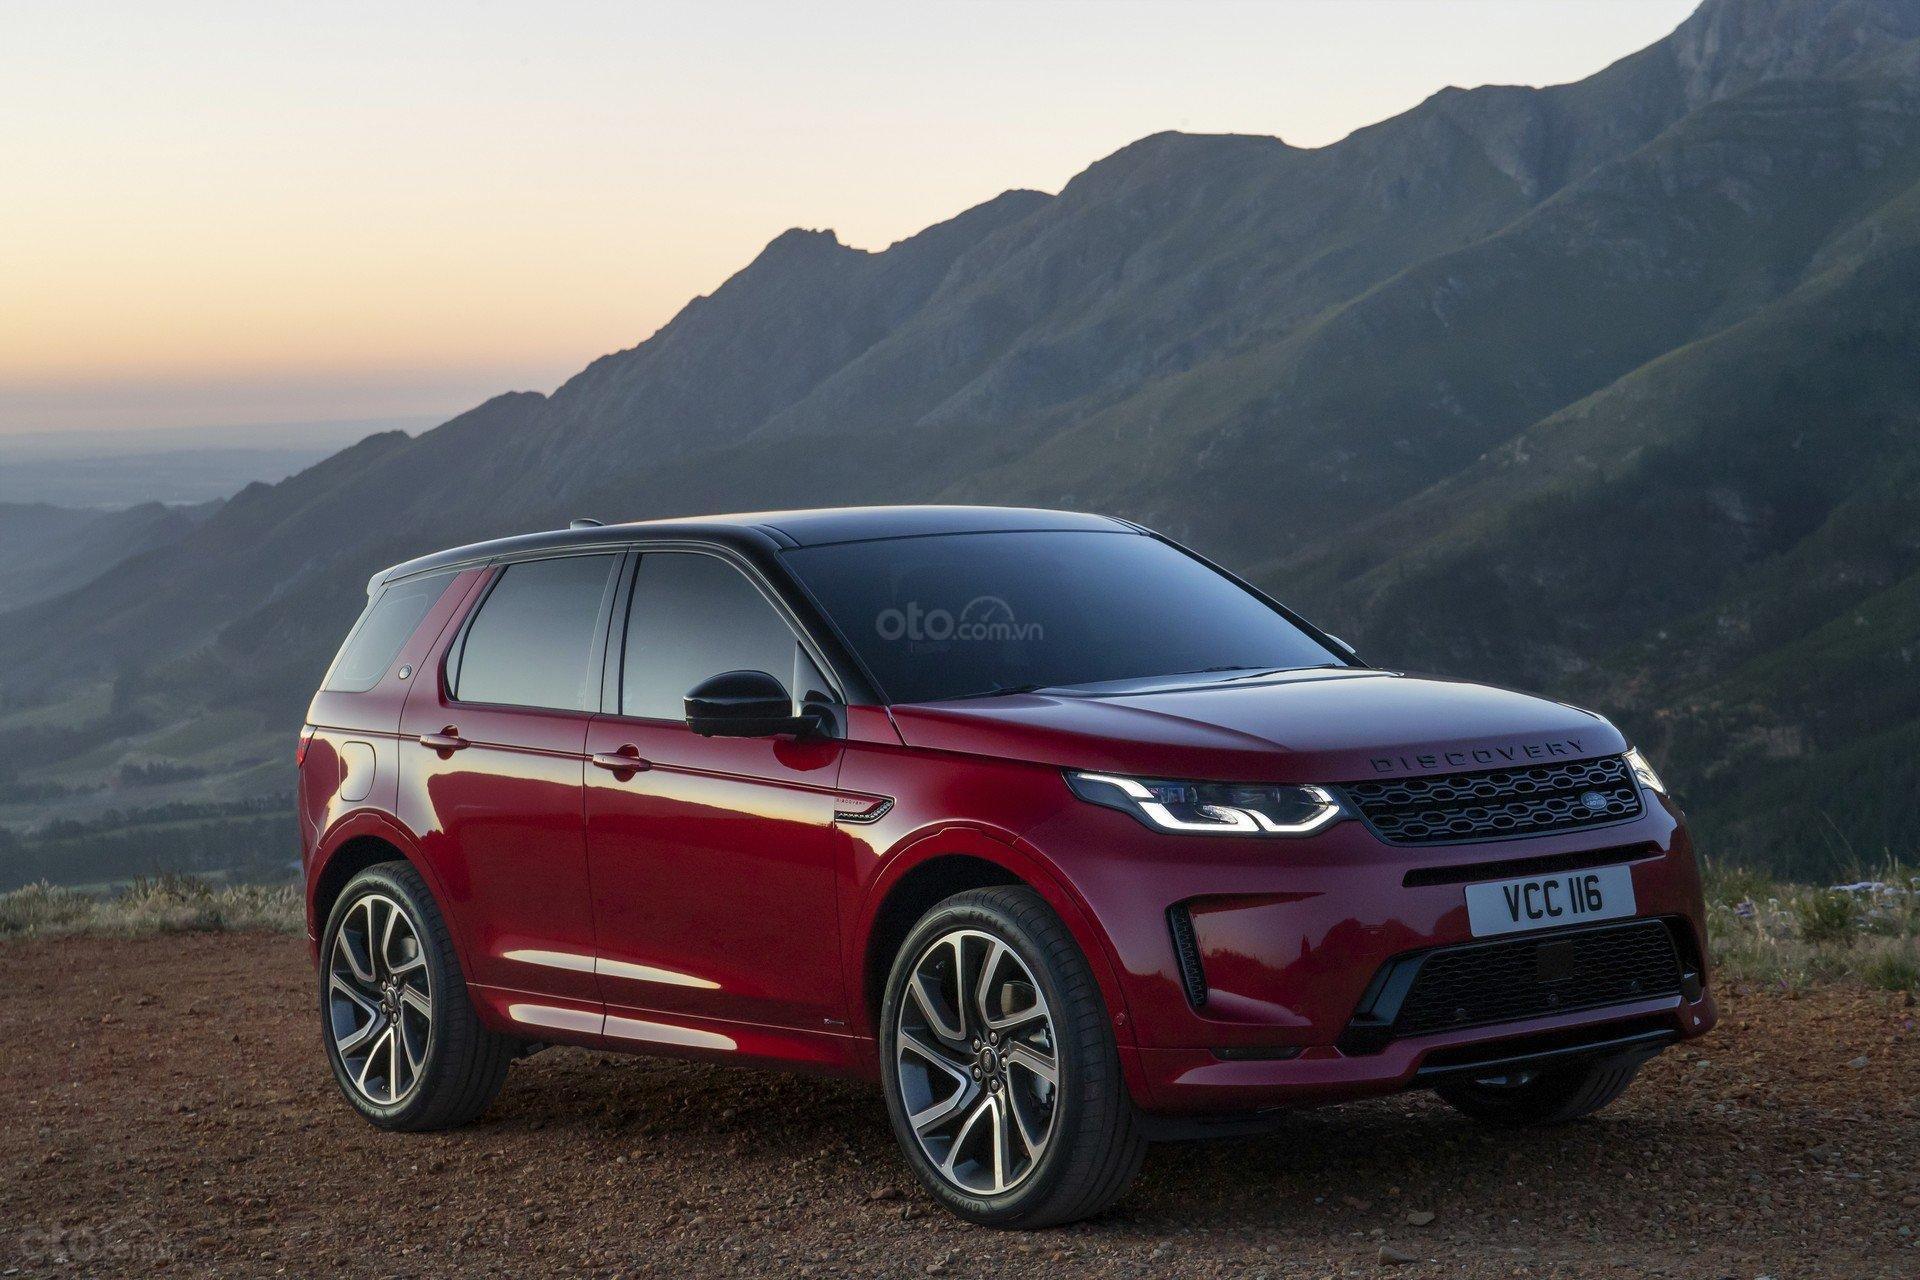 Land Rover Discovery Sport 2020 màu đỏ đang đậu